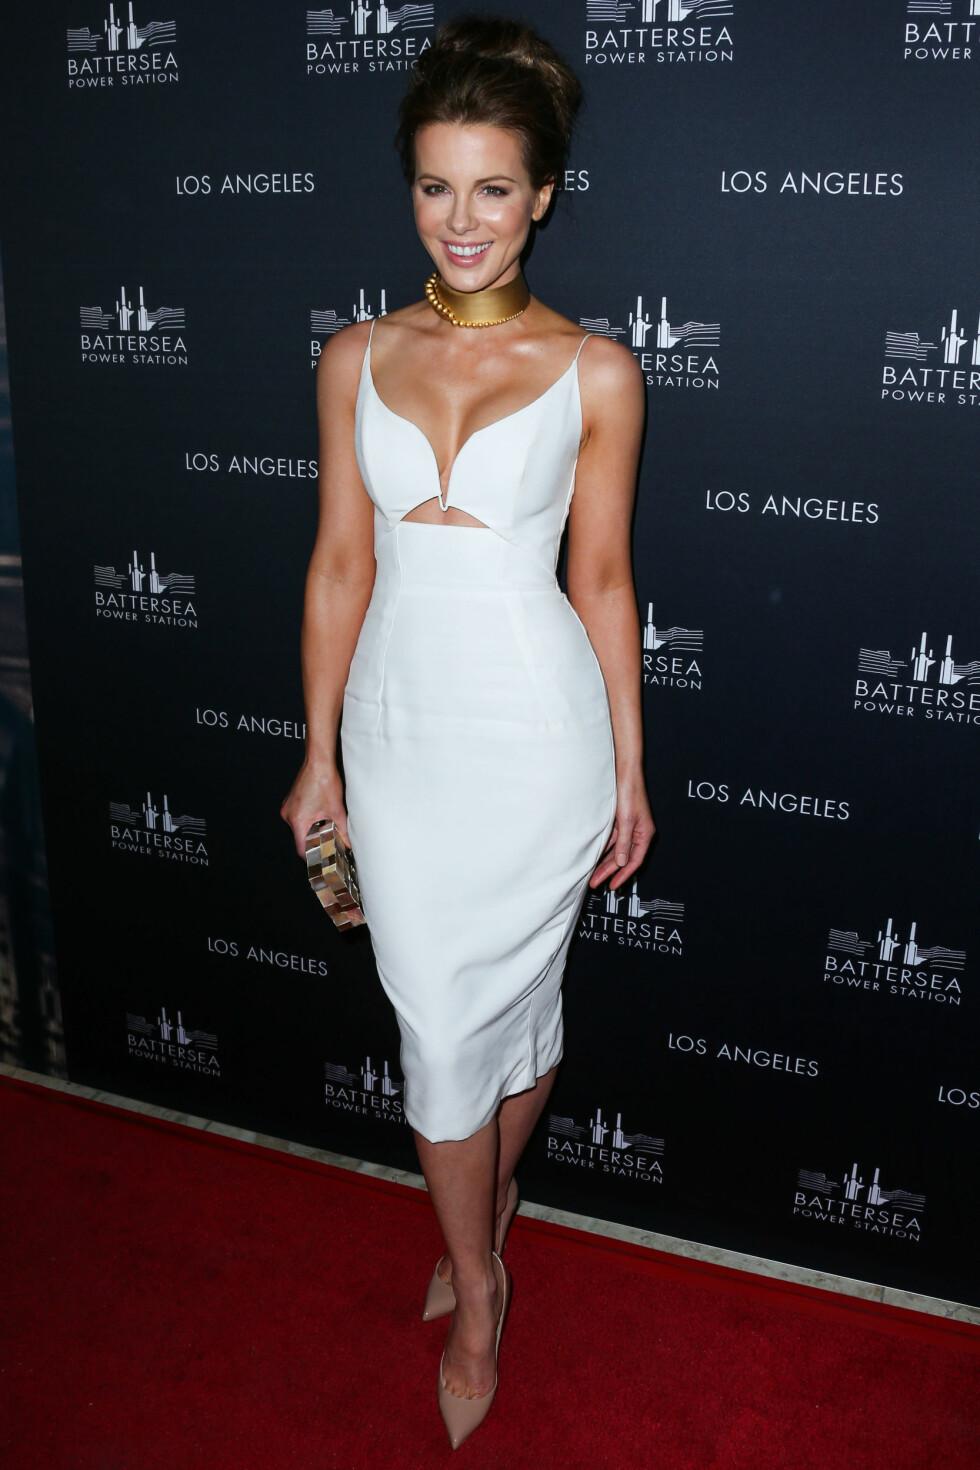 Skuespiller Kate Beckinsale ankom fest i Hollywood med hvit kjole og en massiv gullchoker.  Foto: All Over